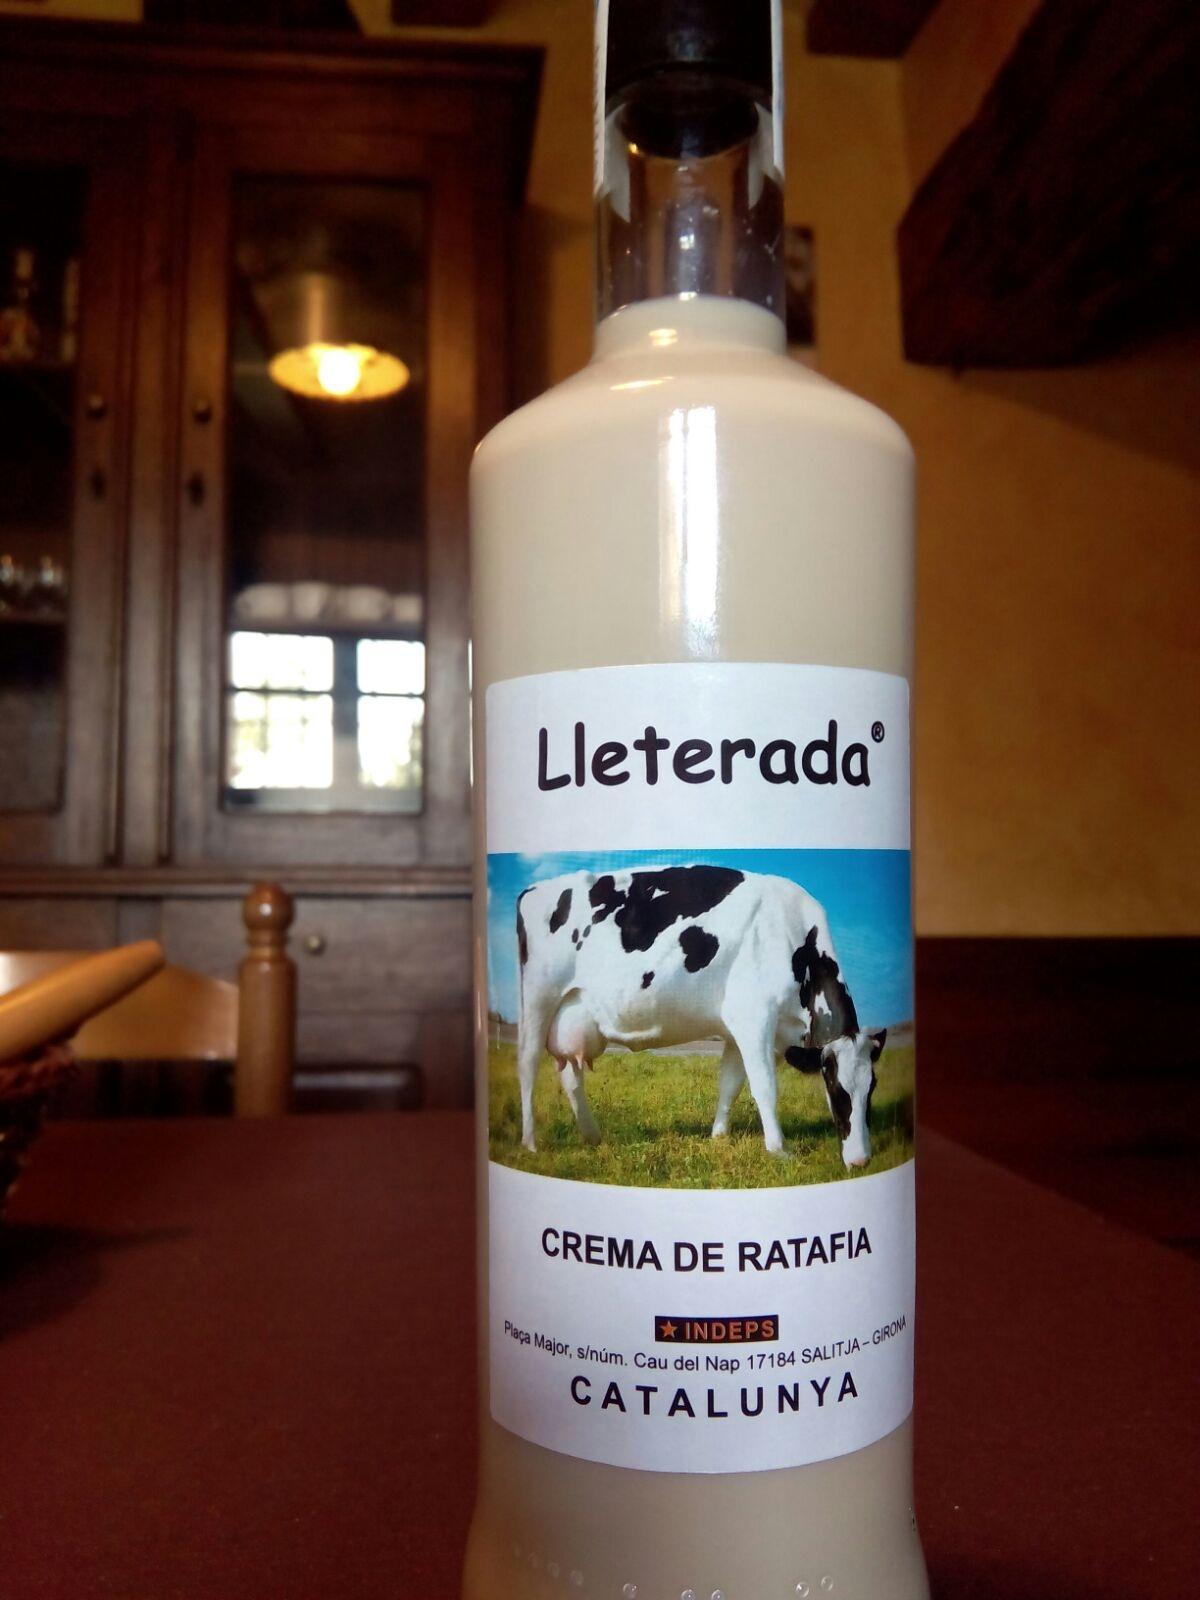 Crema de Ratafia Lleterada (Salitja)